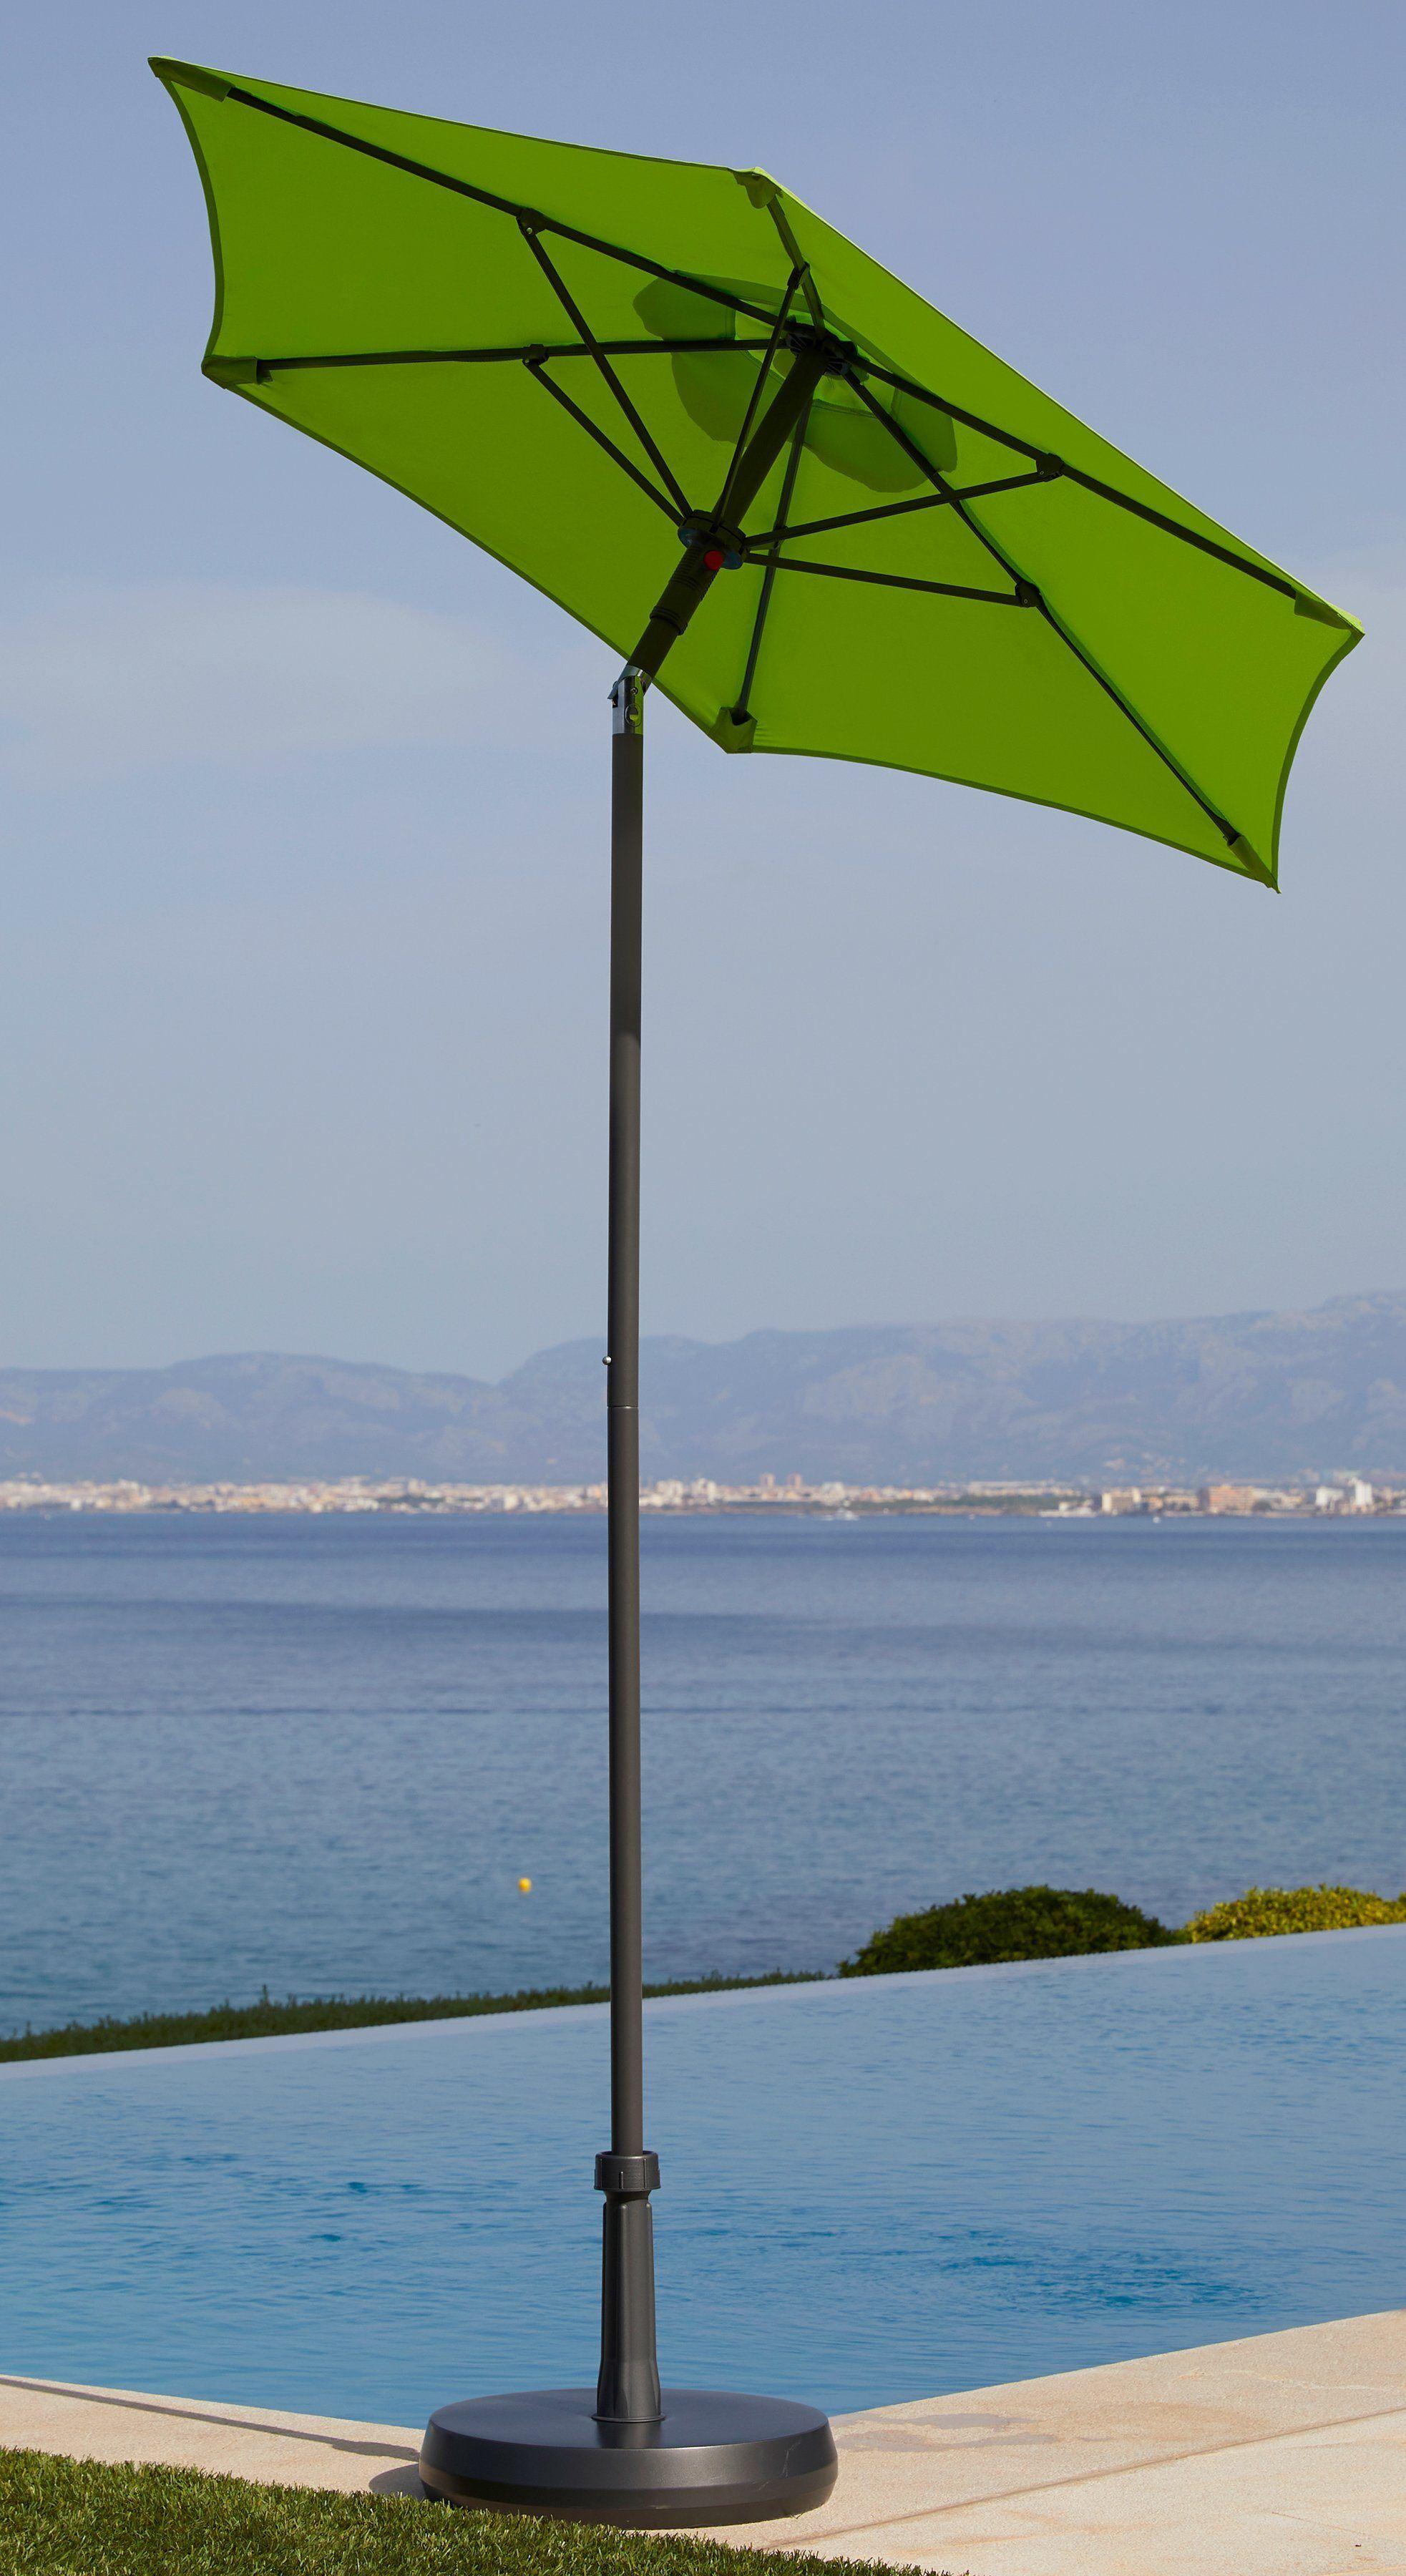 garten gut Sonnenschirm »Push up Schirm Rom«, Ø 150 cm, grün